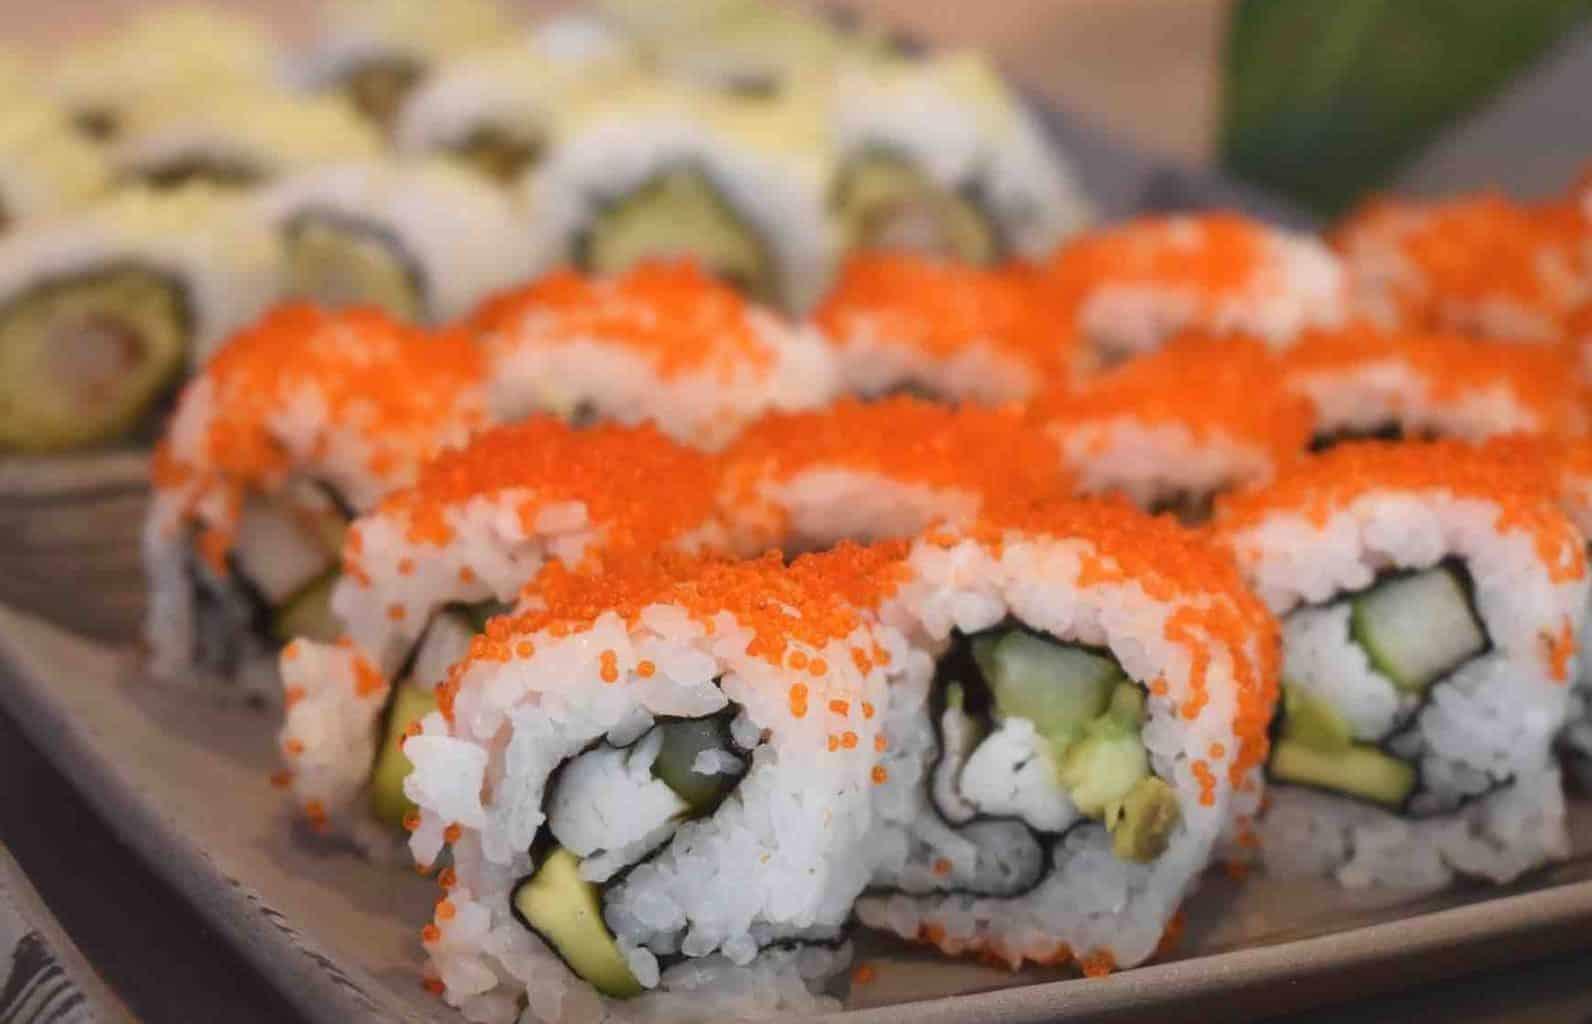 Sushi at Hinata Japanese Restaurant at Le Mirador Resort & Spa Vevey